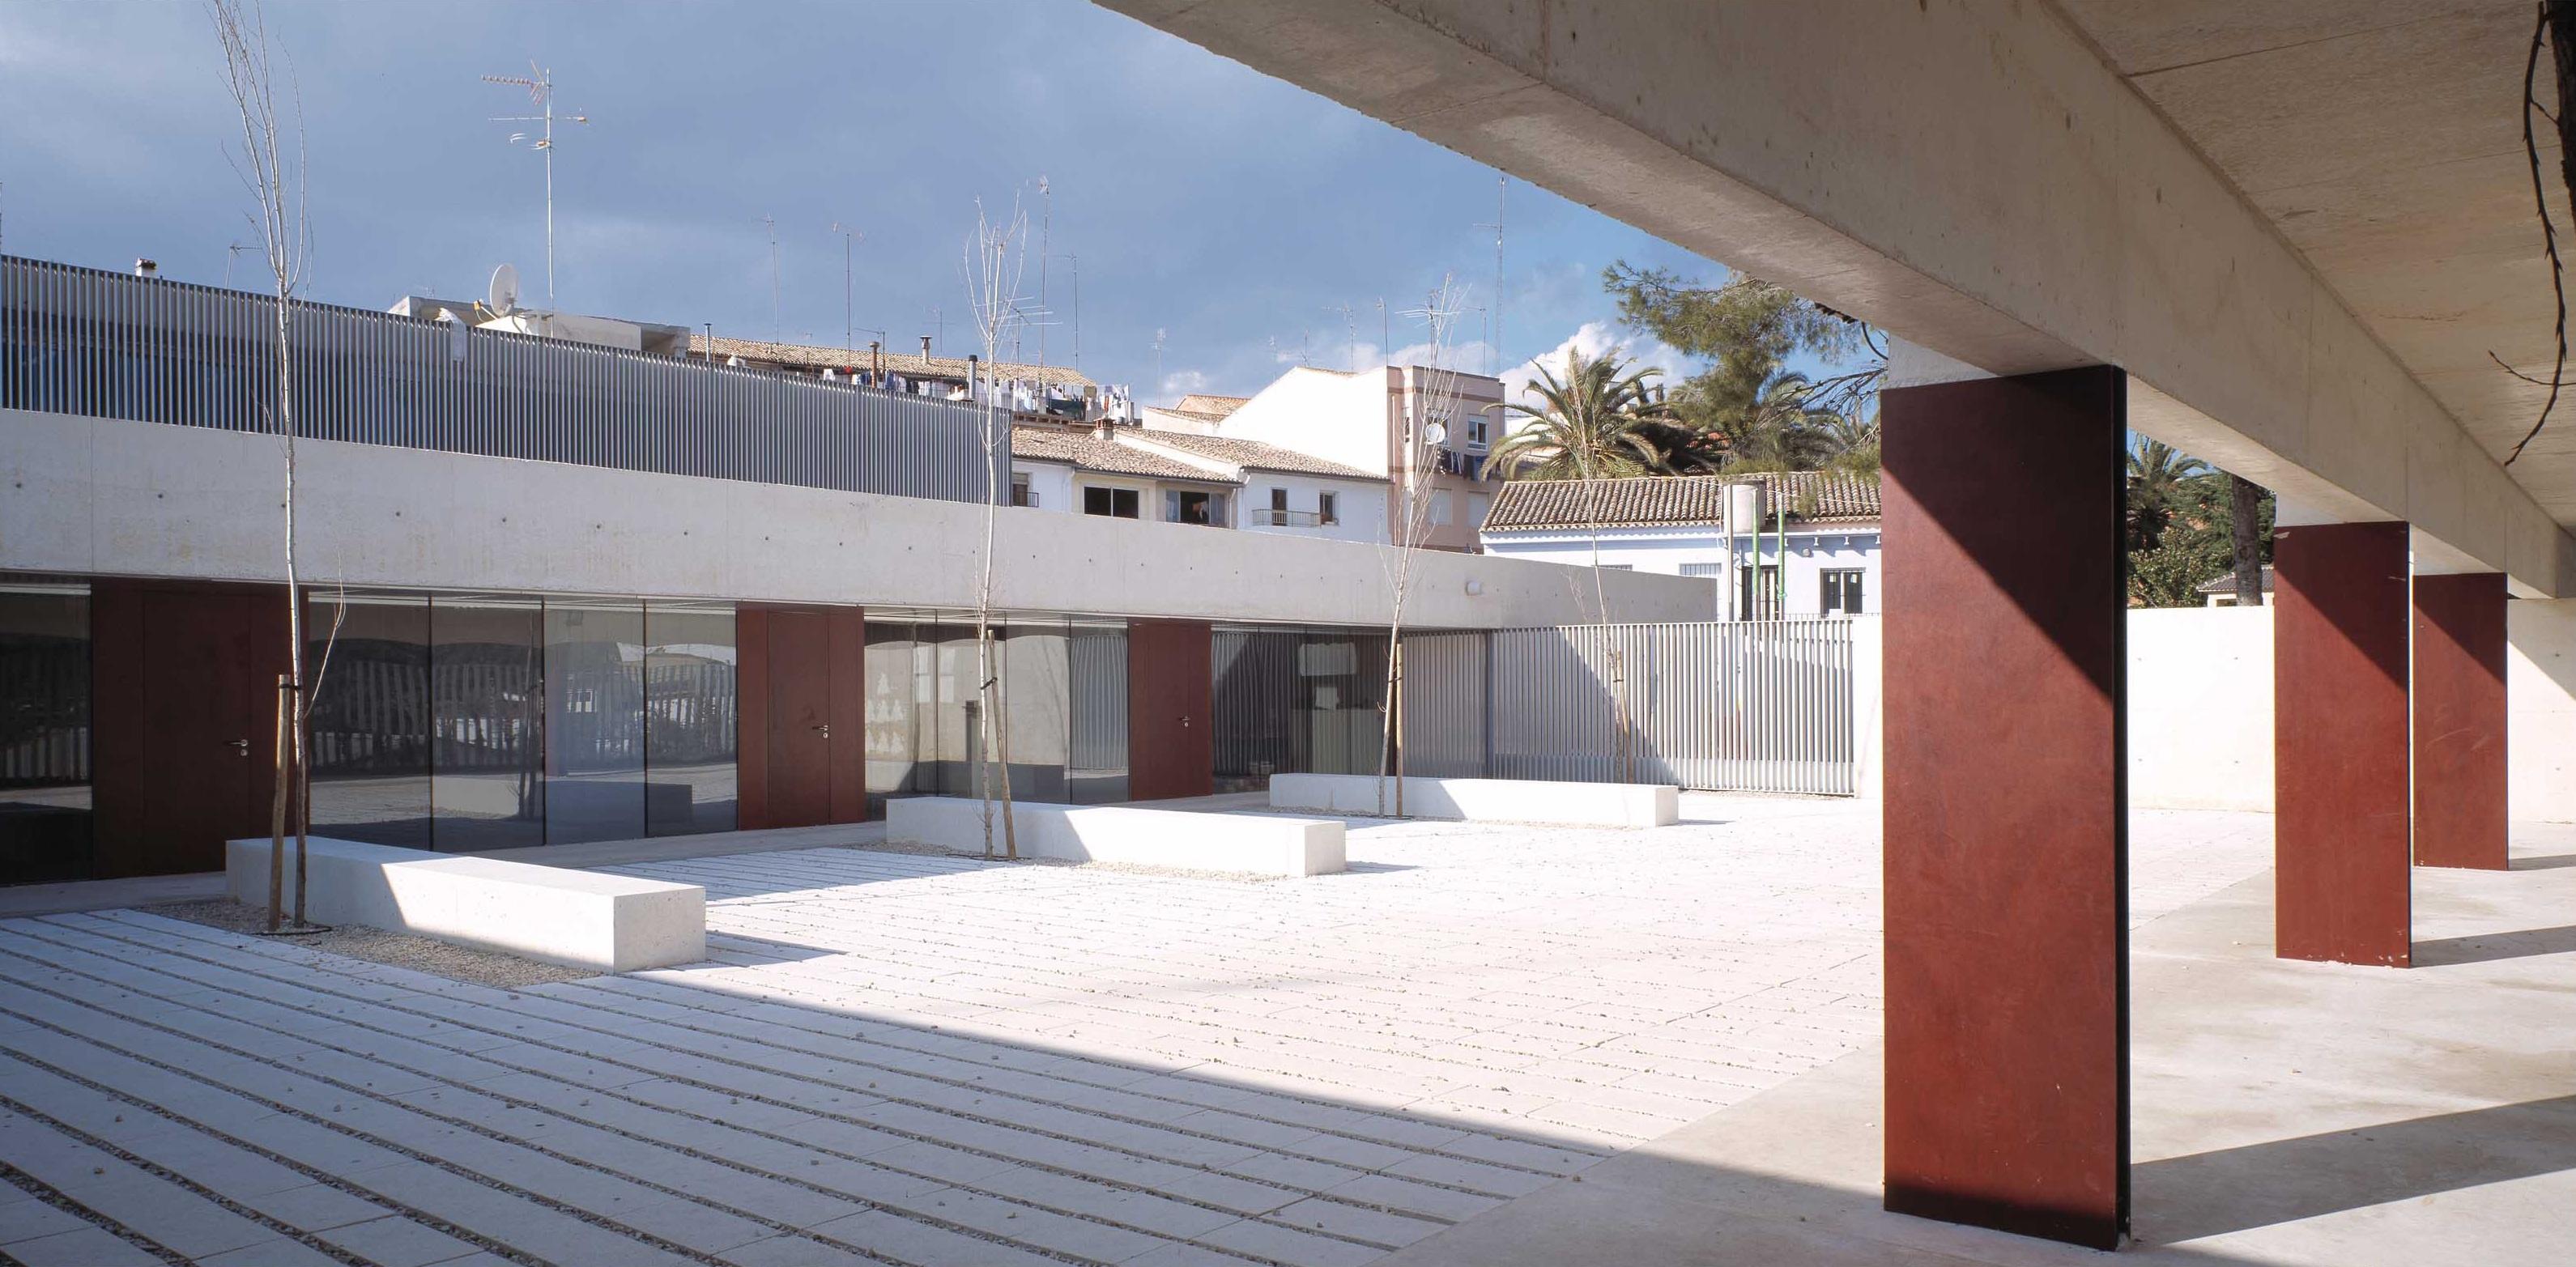 Escolar temcco sistemas y estructuras - Listado arquitectos valencia ...